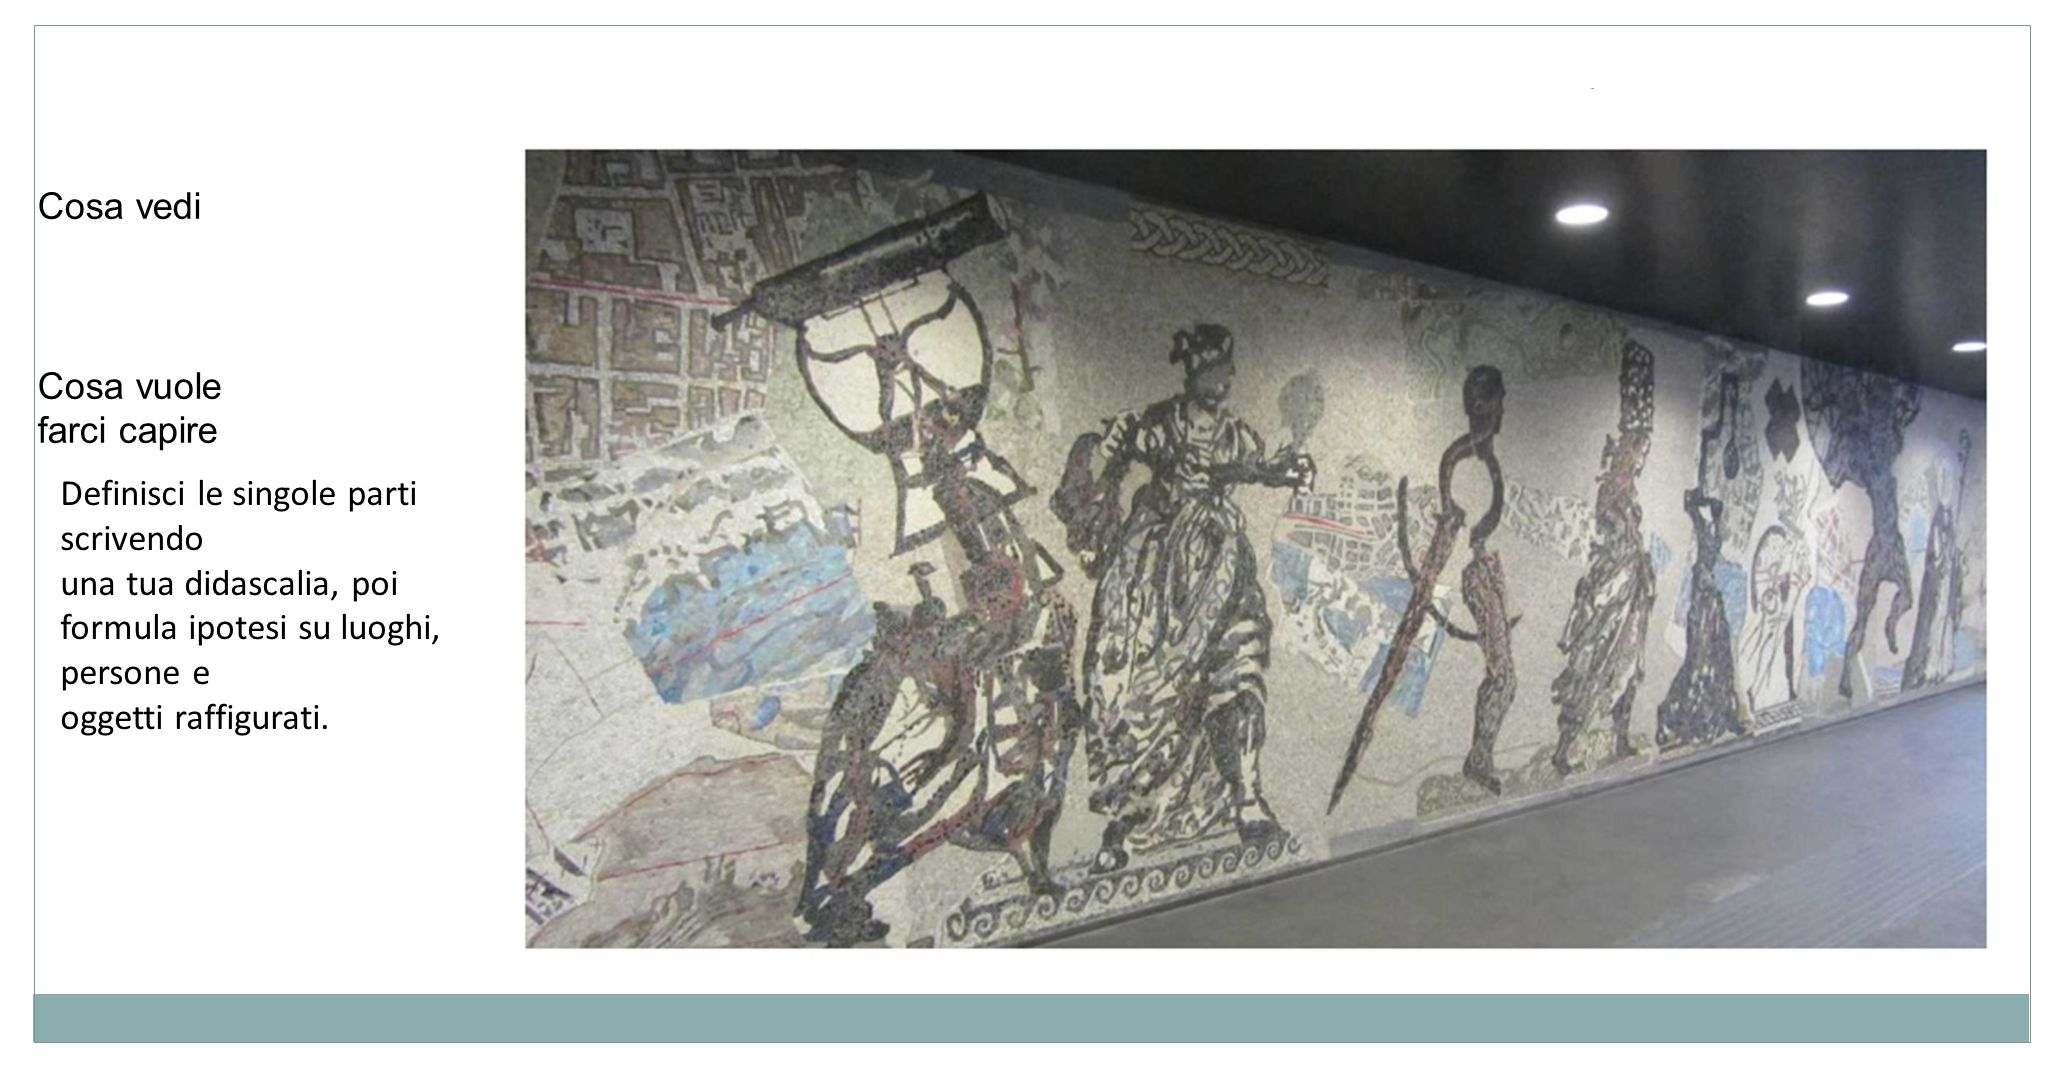 La tua città riprendendo il pensiero dellarchitetto che ha illustrato delle immagini di Napoli Cosa vedi: Cosa vuole farci capire: